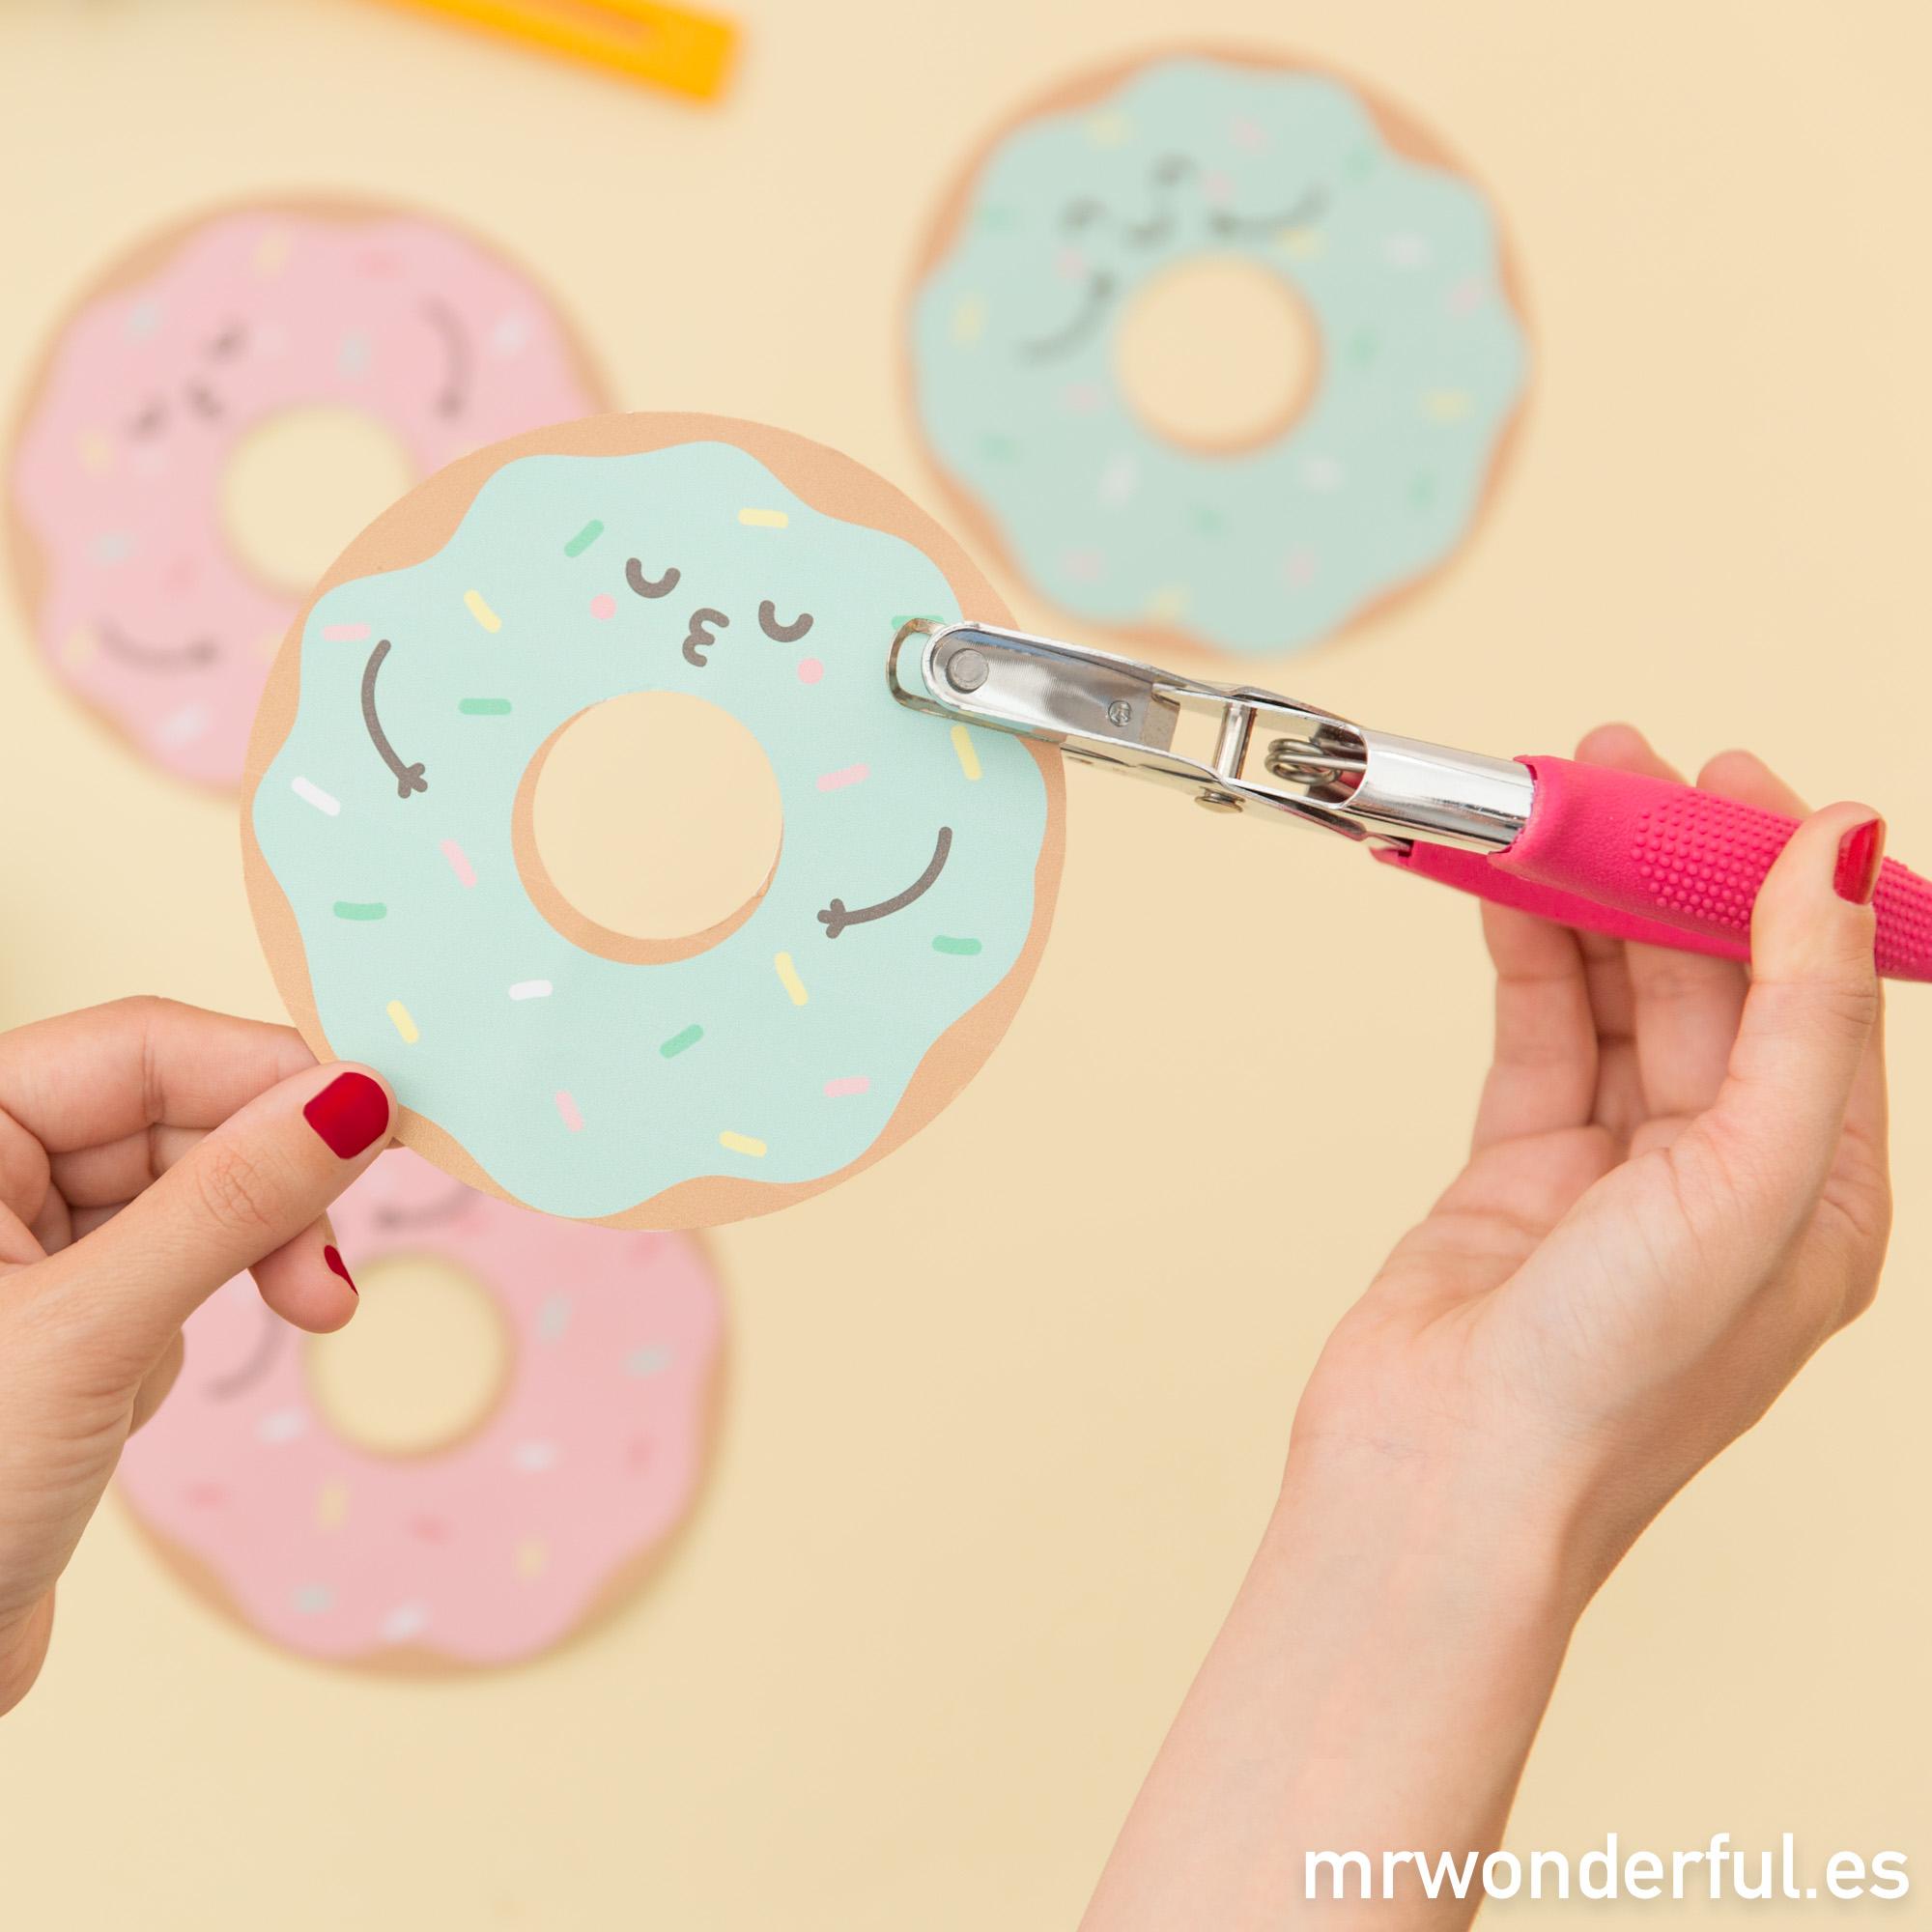 mrwonderful_descargable_banderin-donuts-6-editar